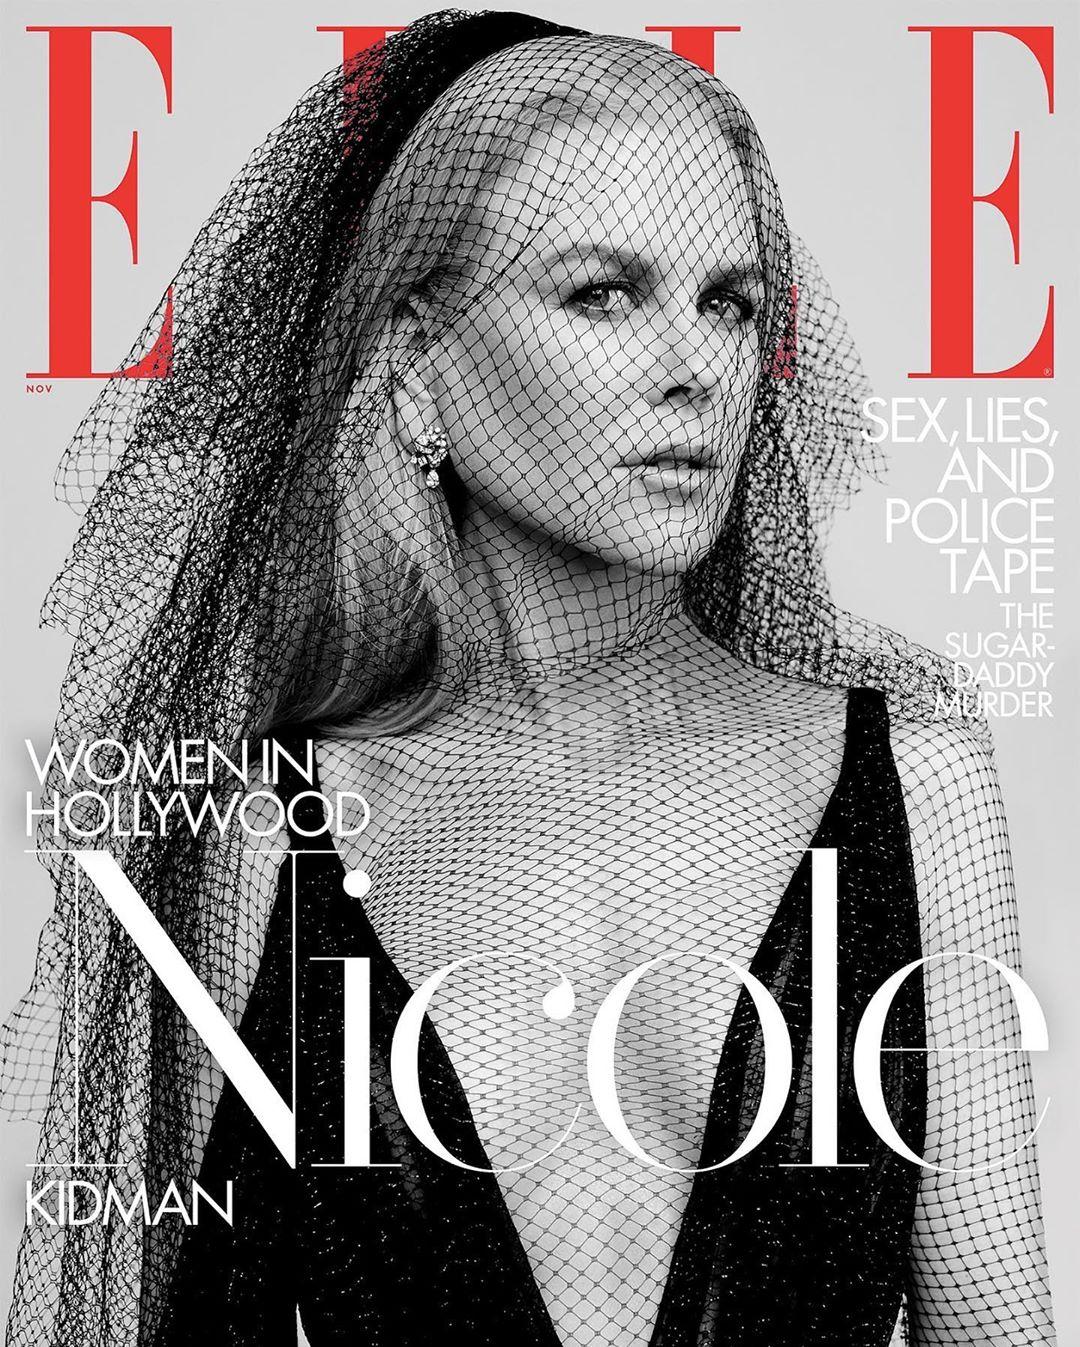 妮可基嫚登上美國版時尚雜誌封面,大秀性感好身材。